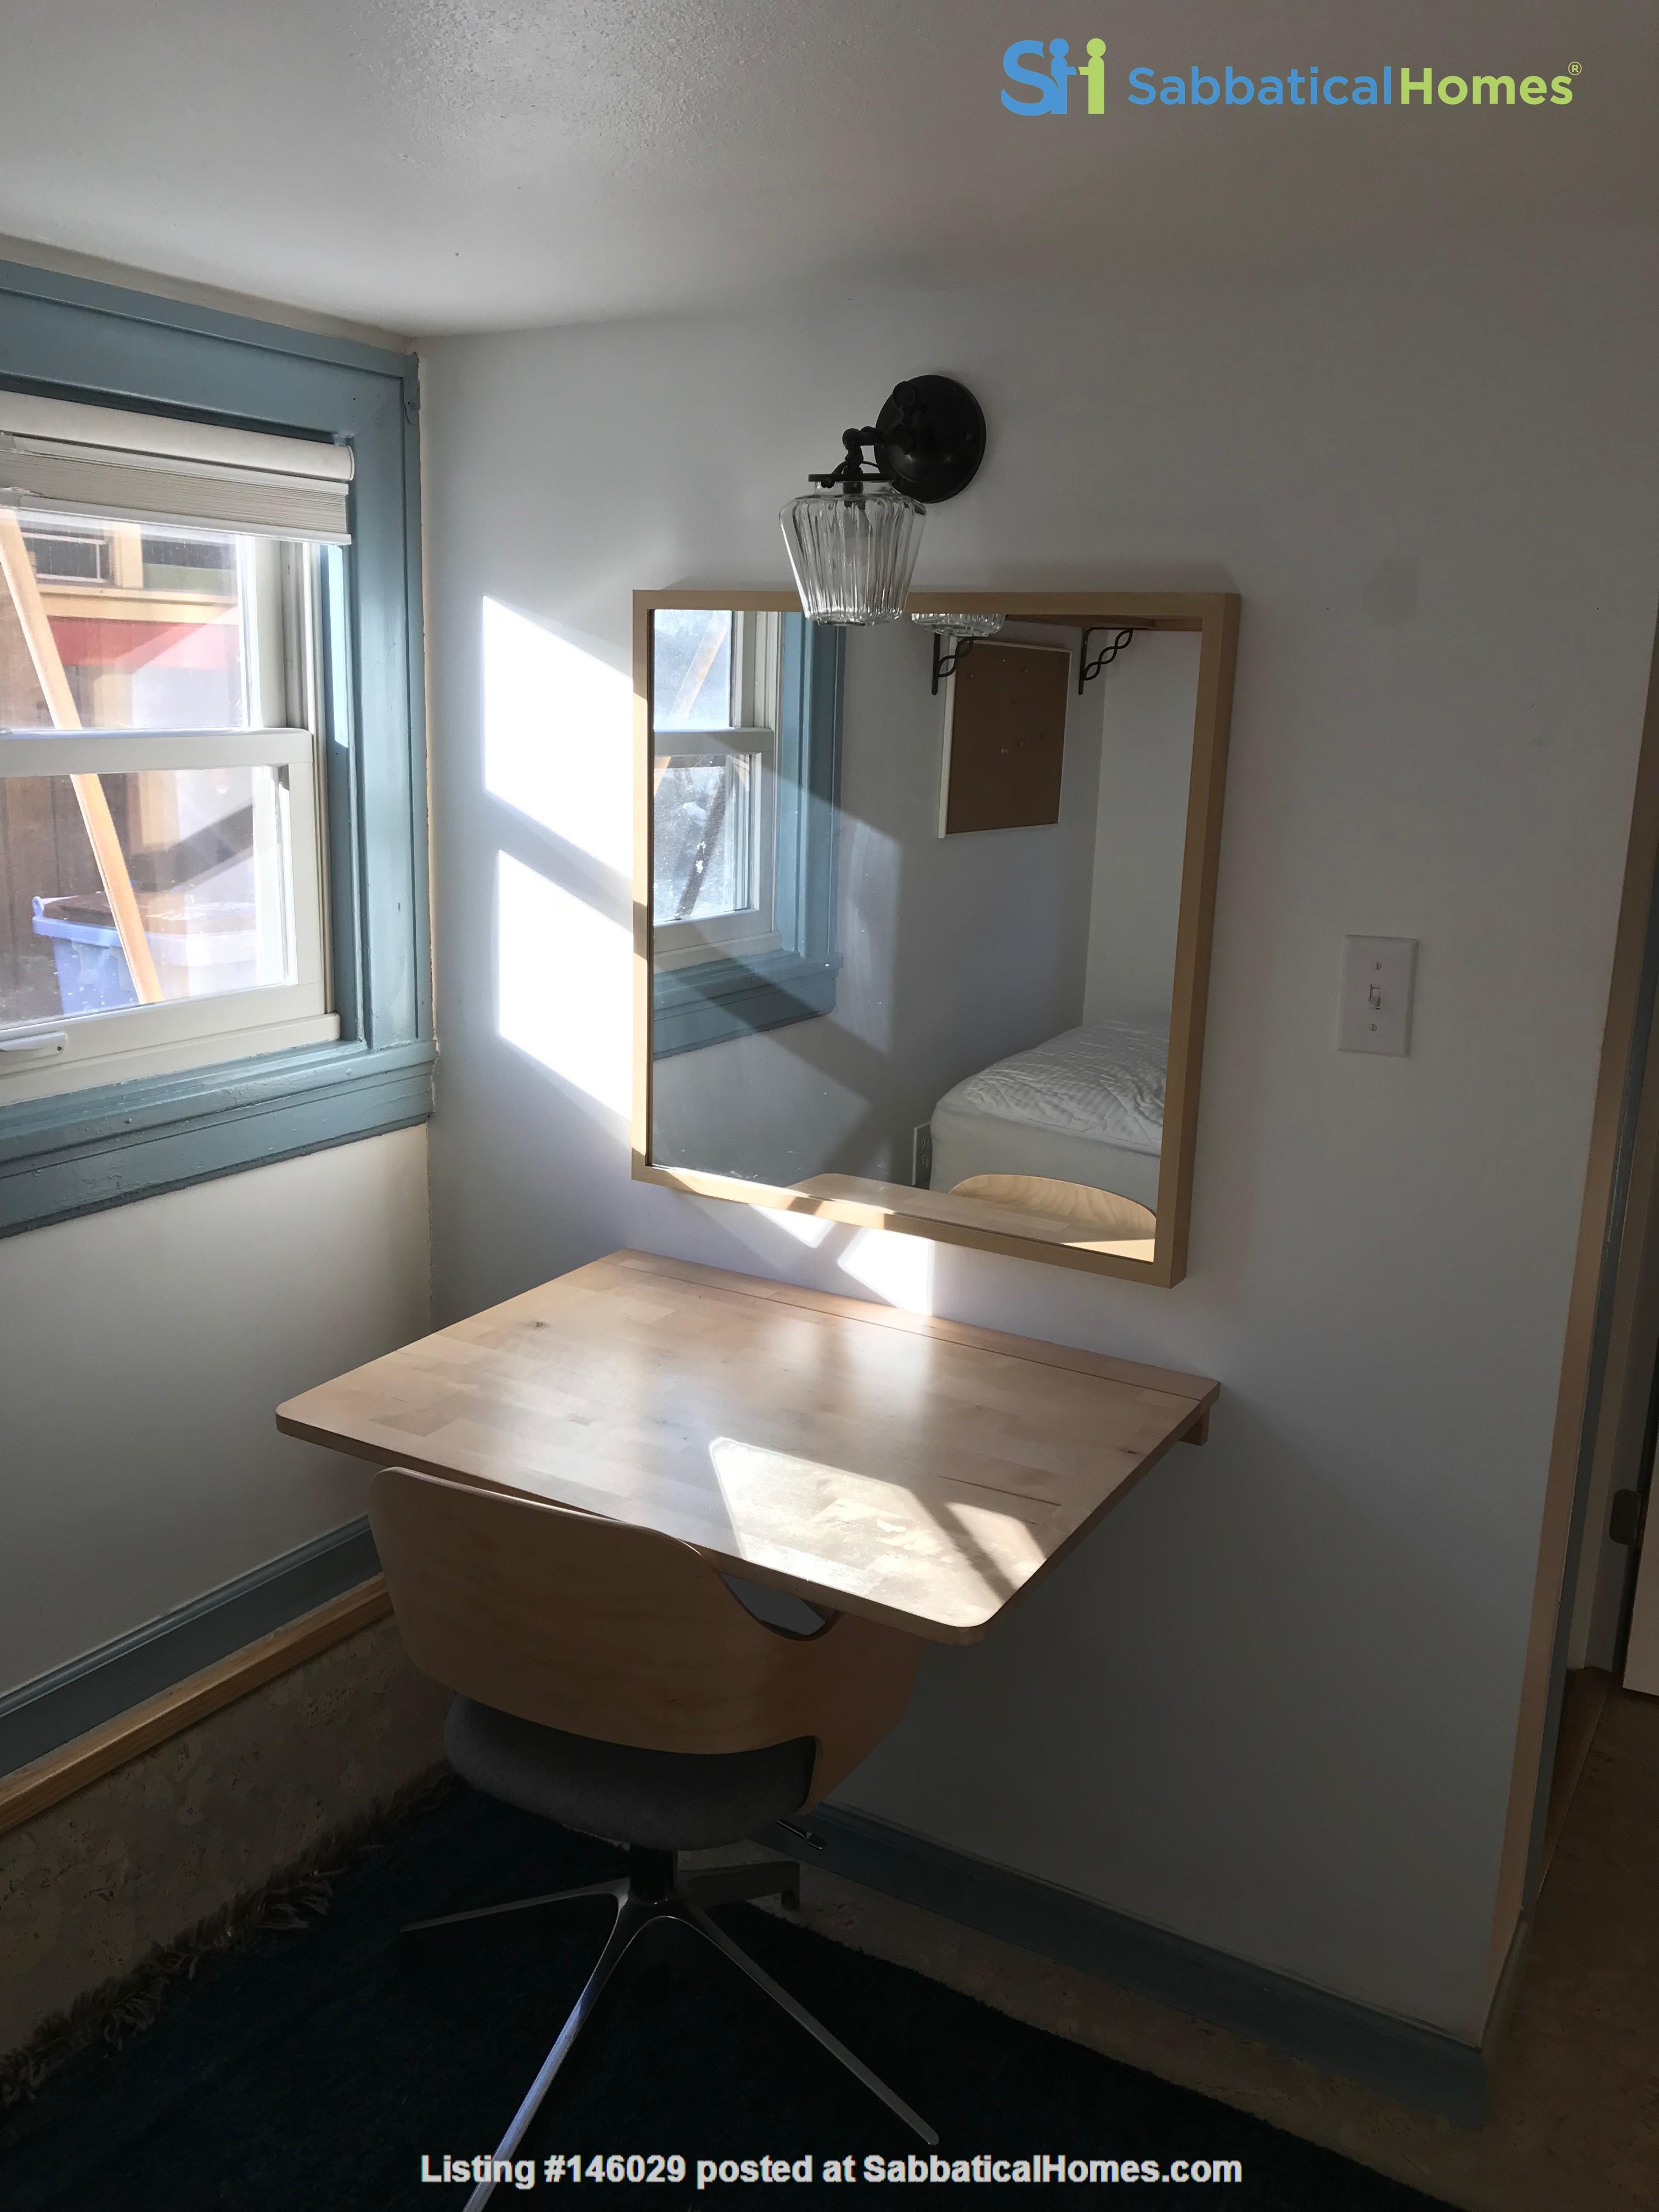 Sublet  Sunny Furnished 3 bedroom / 1..5 bathroom Berkeley Home Home Rental in Berkeley 9